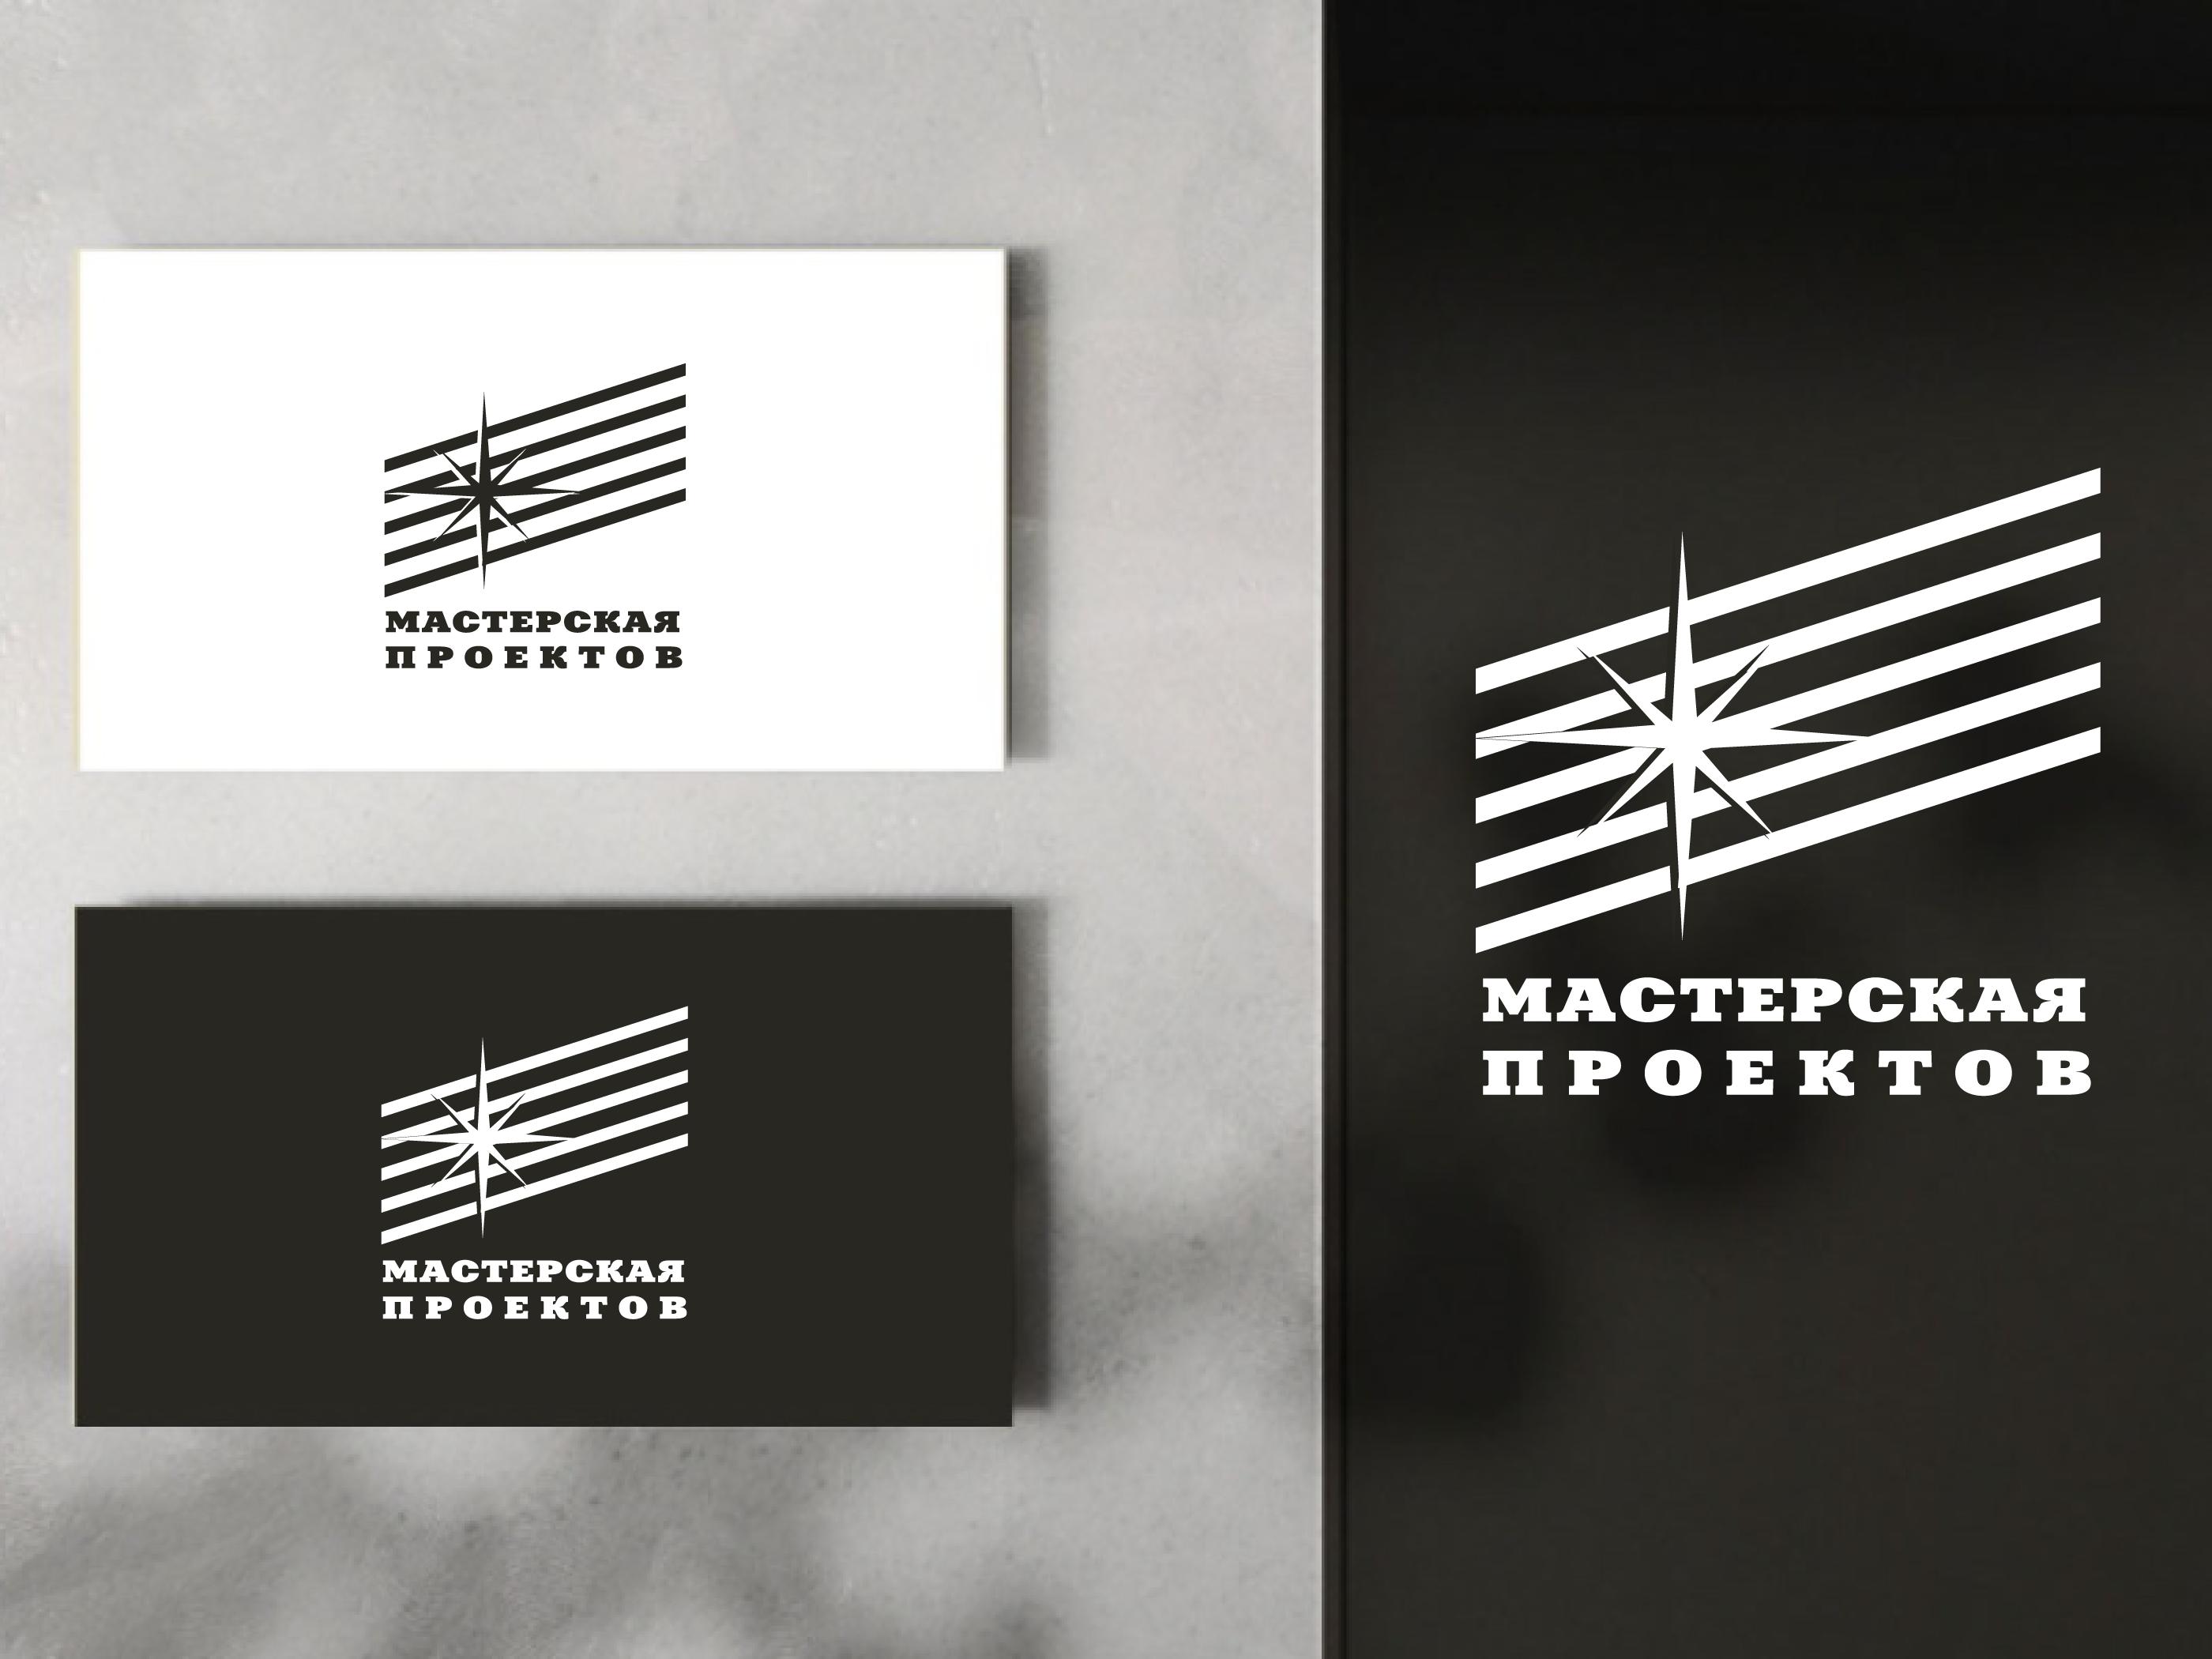 Разработка логотипа строительно-мебельного проекта (см. опис фото f_255606edf611e75f.png